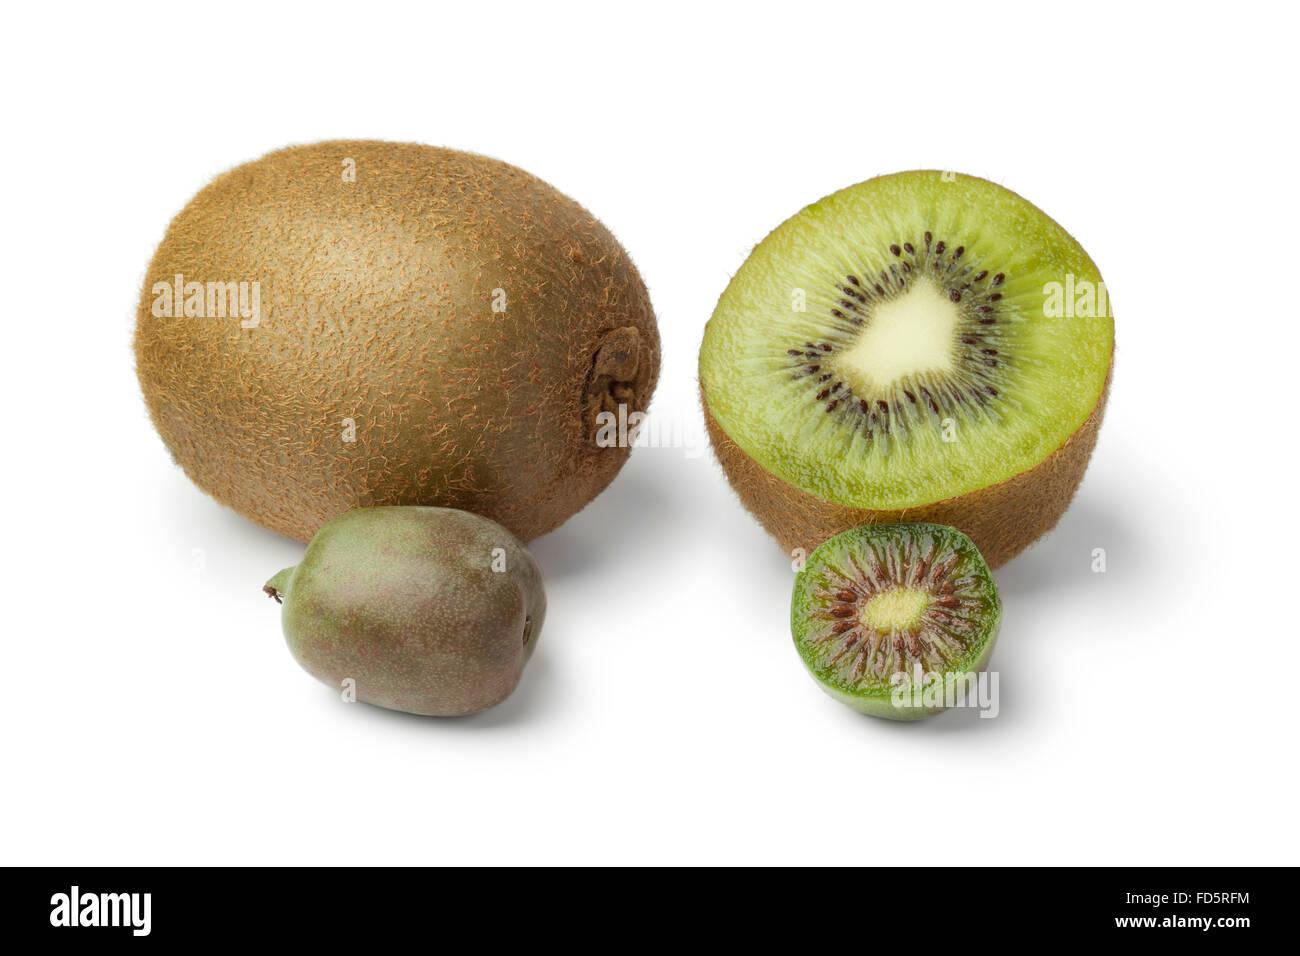 Whole and half kiwi fruit and kiwi berry on white background - Stock Image